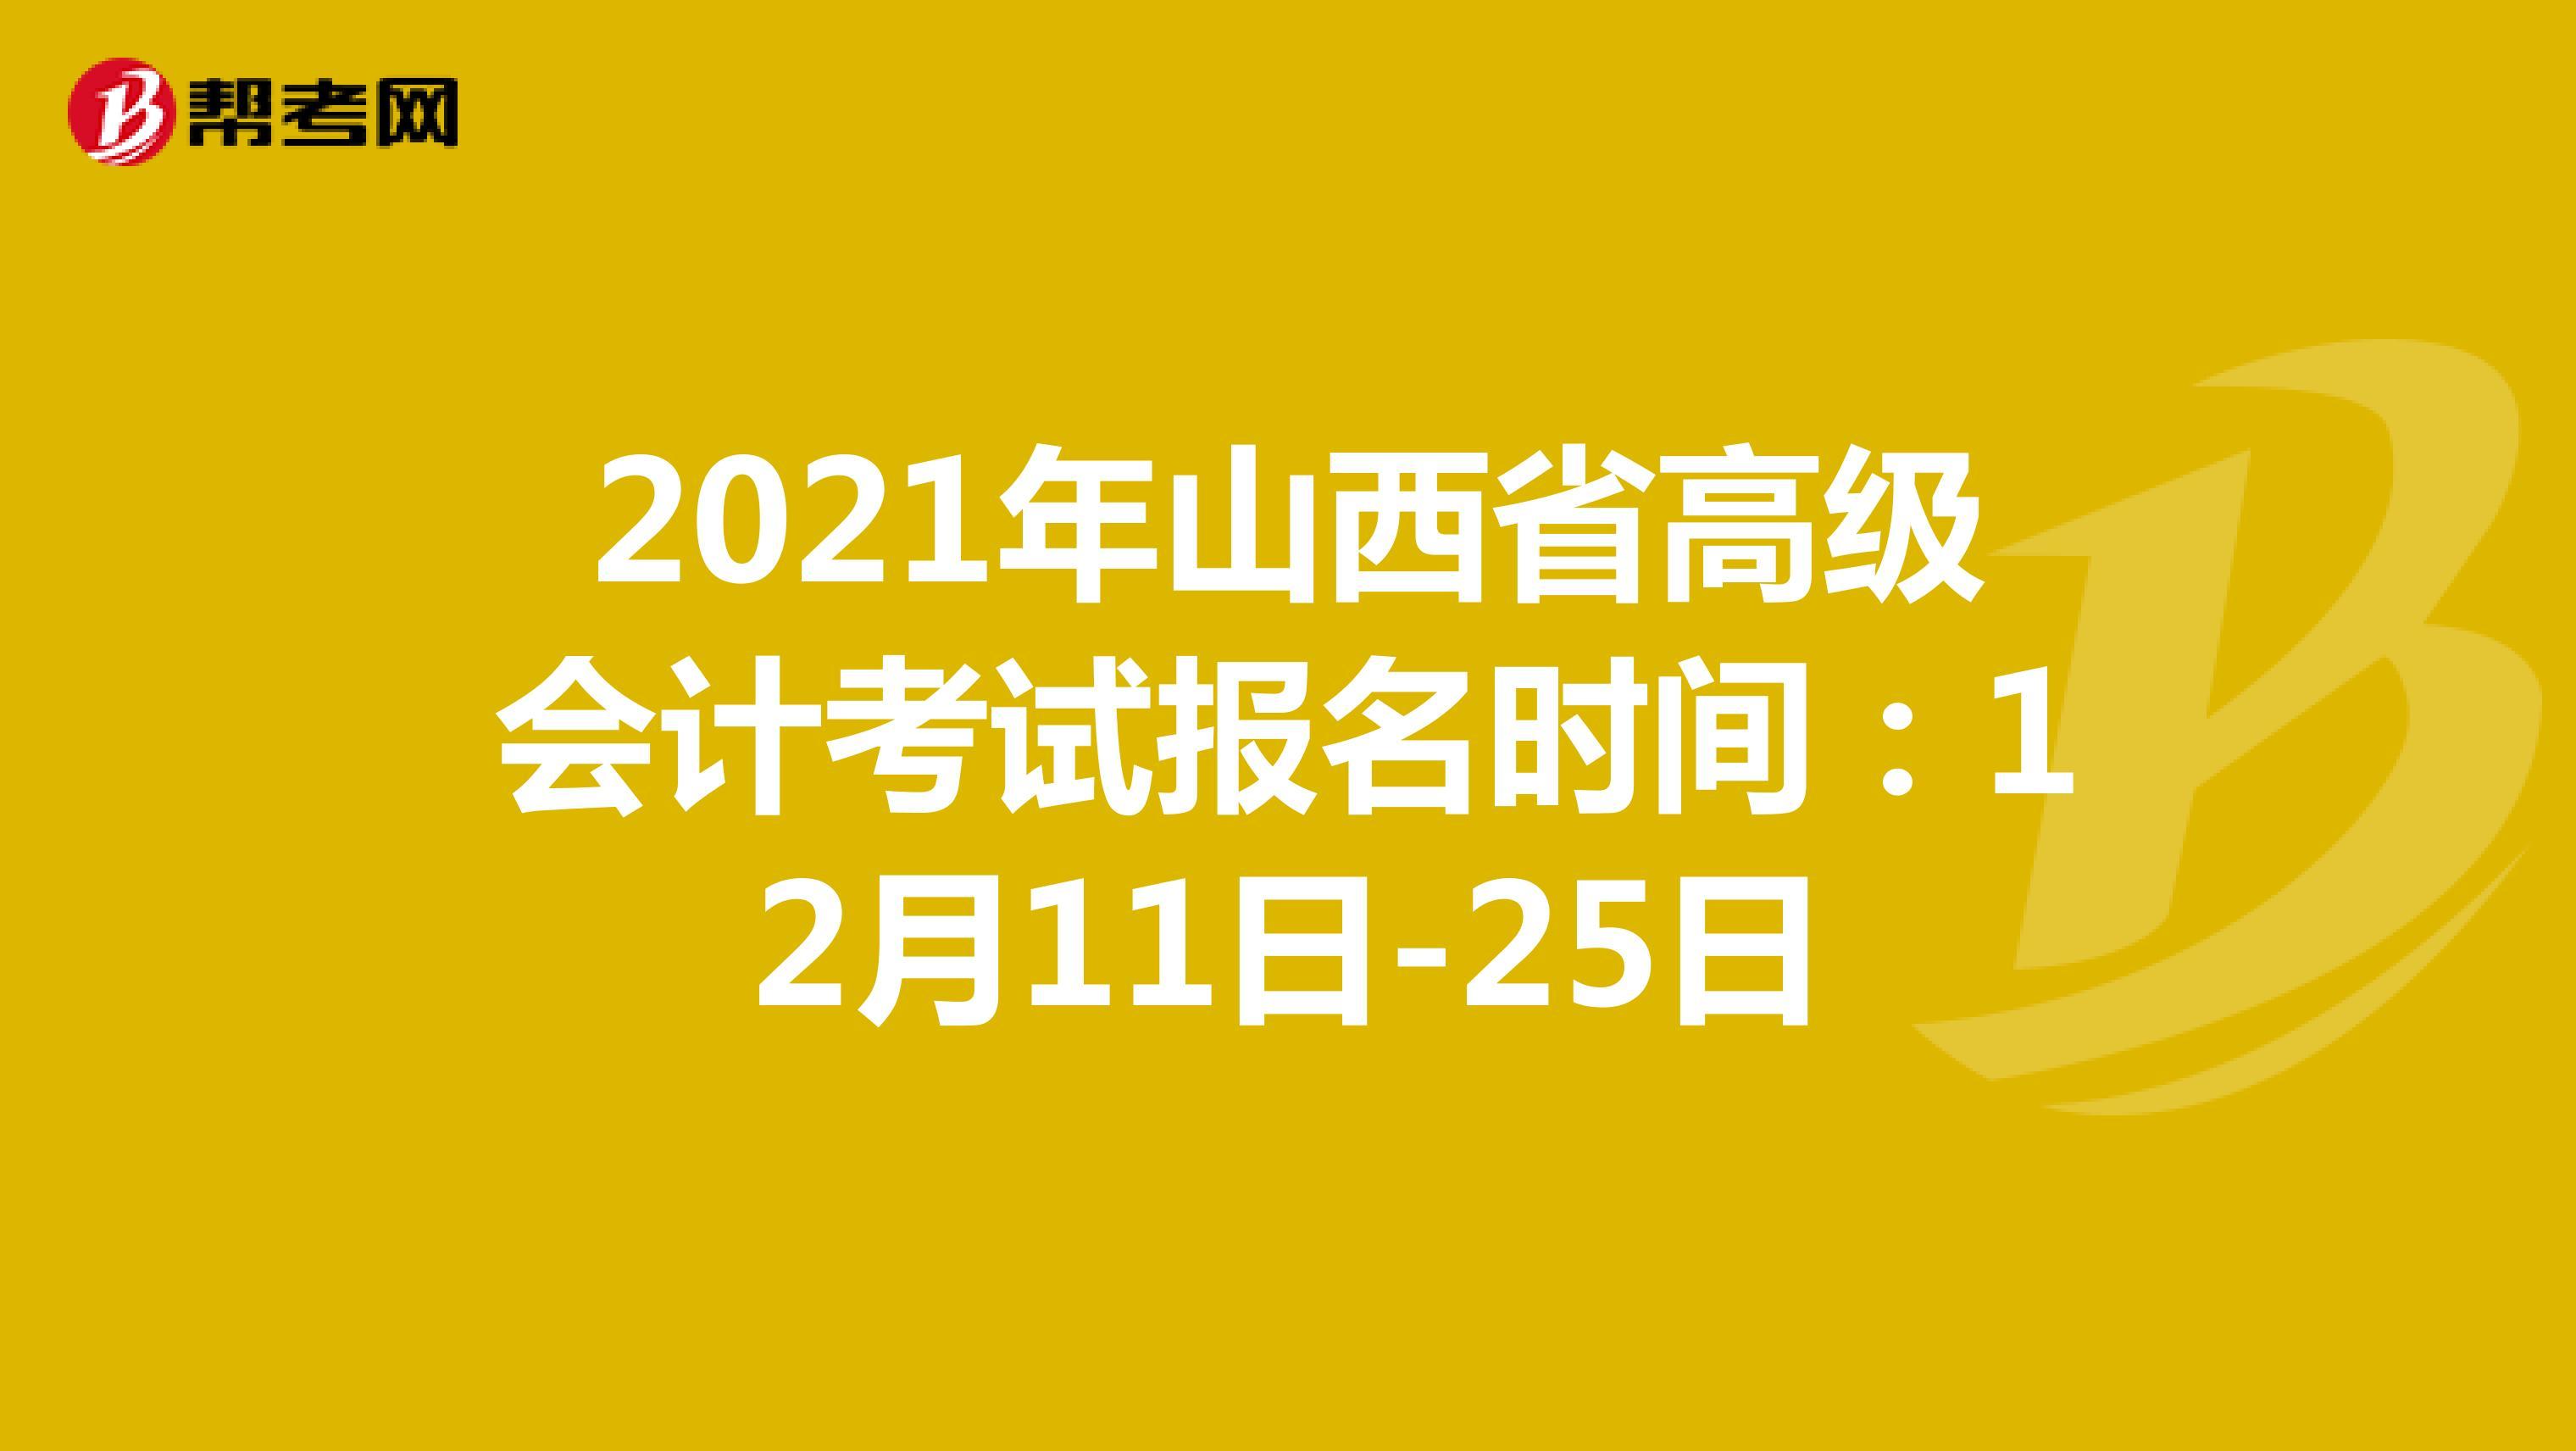 2021年山西省高级会计Beplay官方报名时间:12月11日-25日